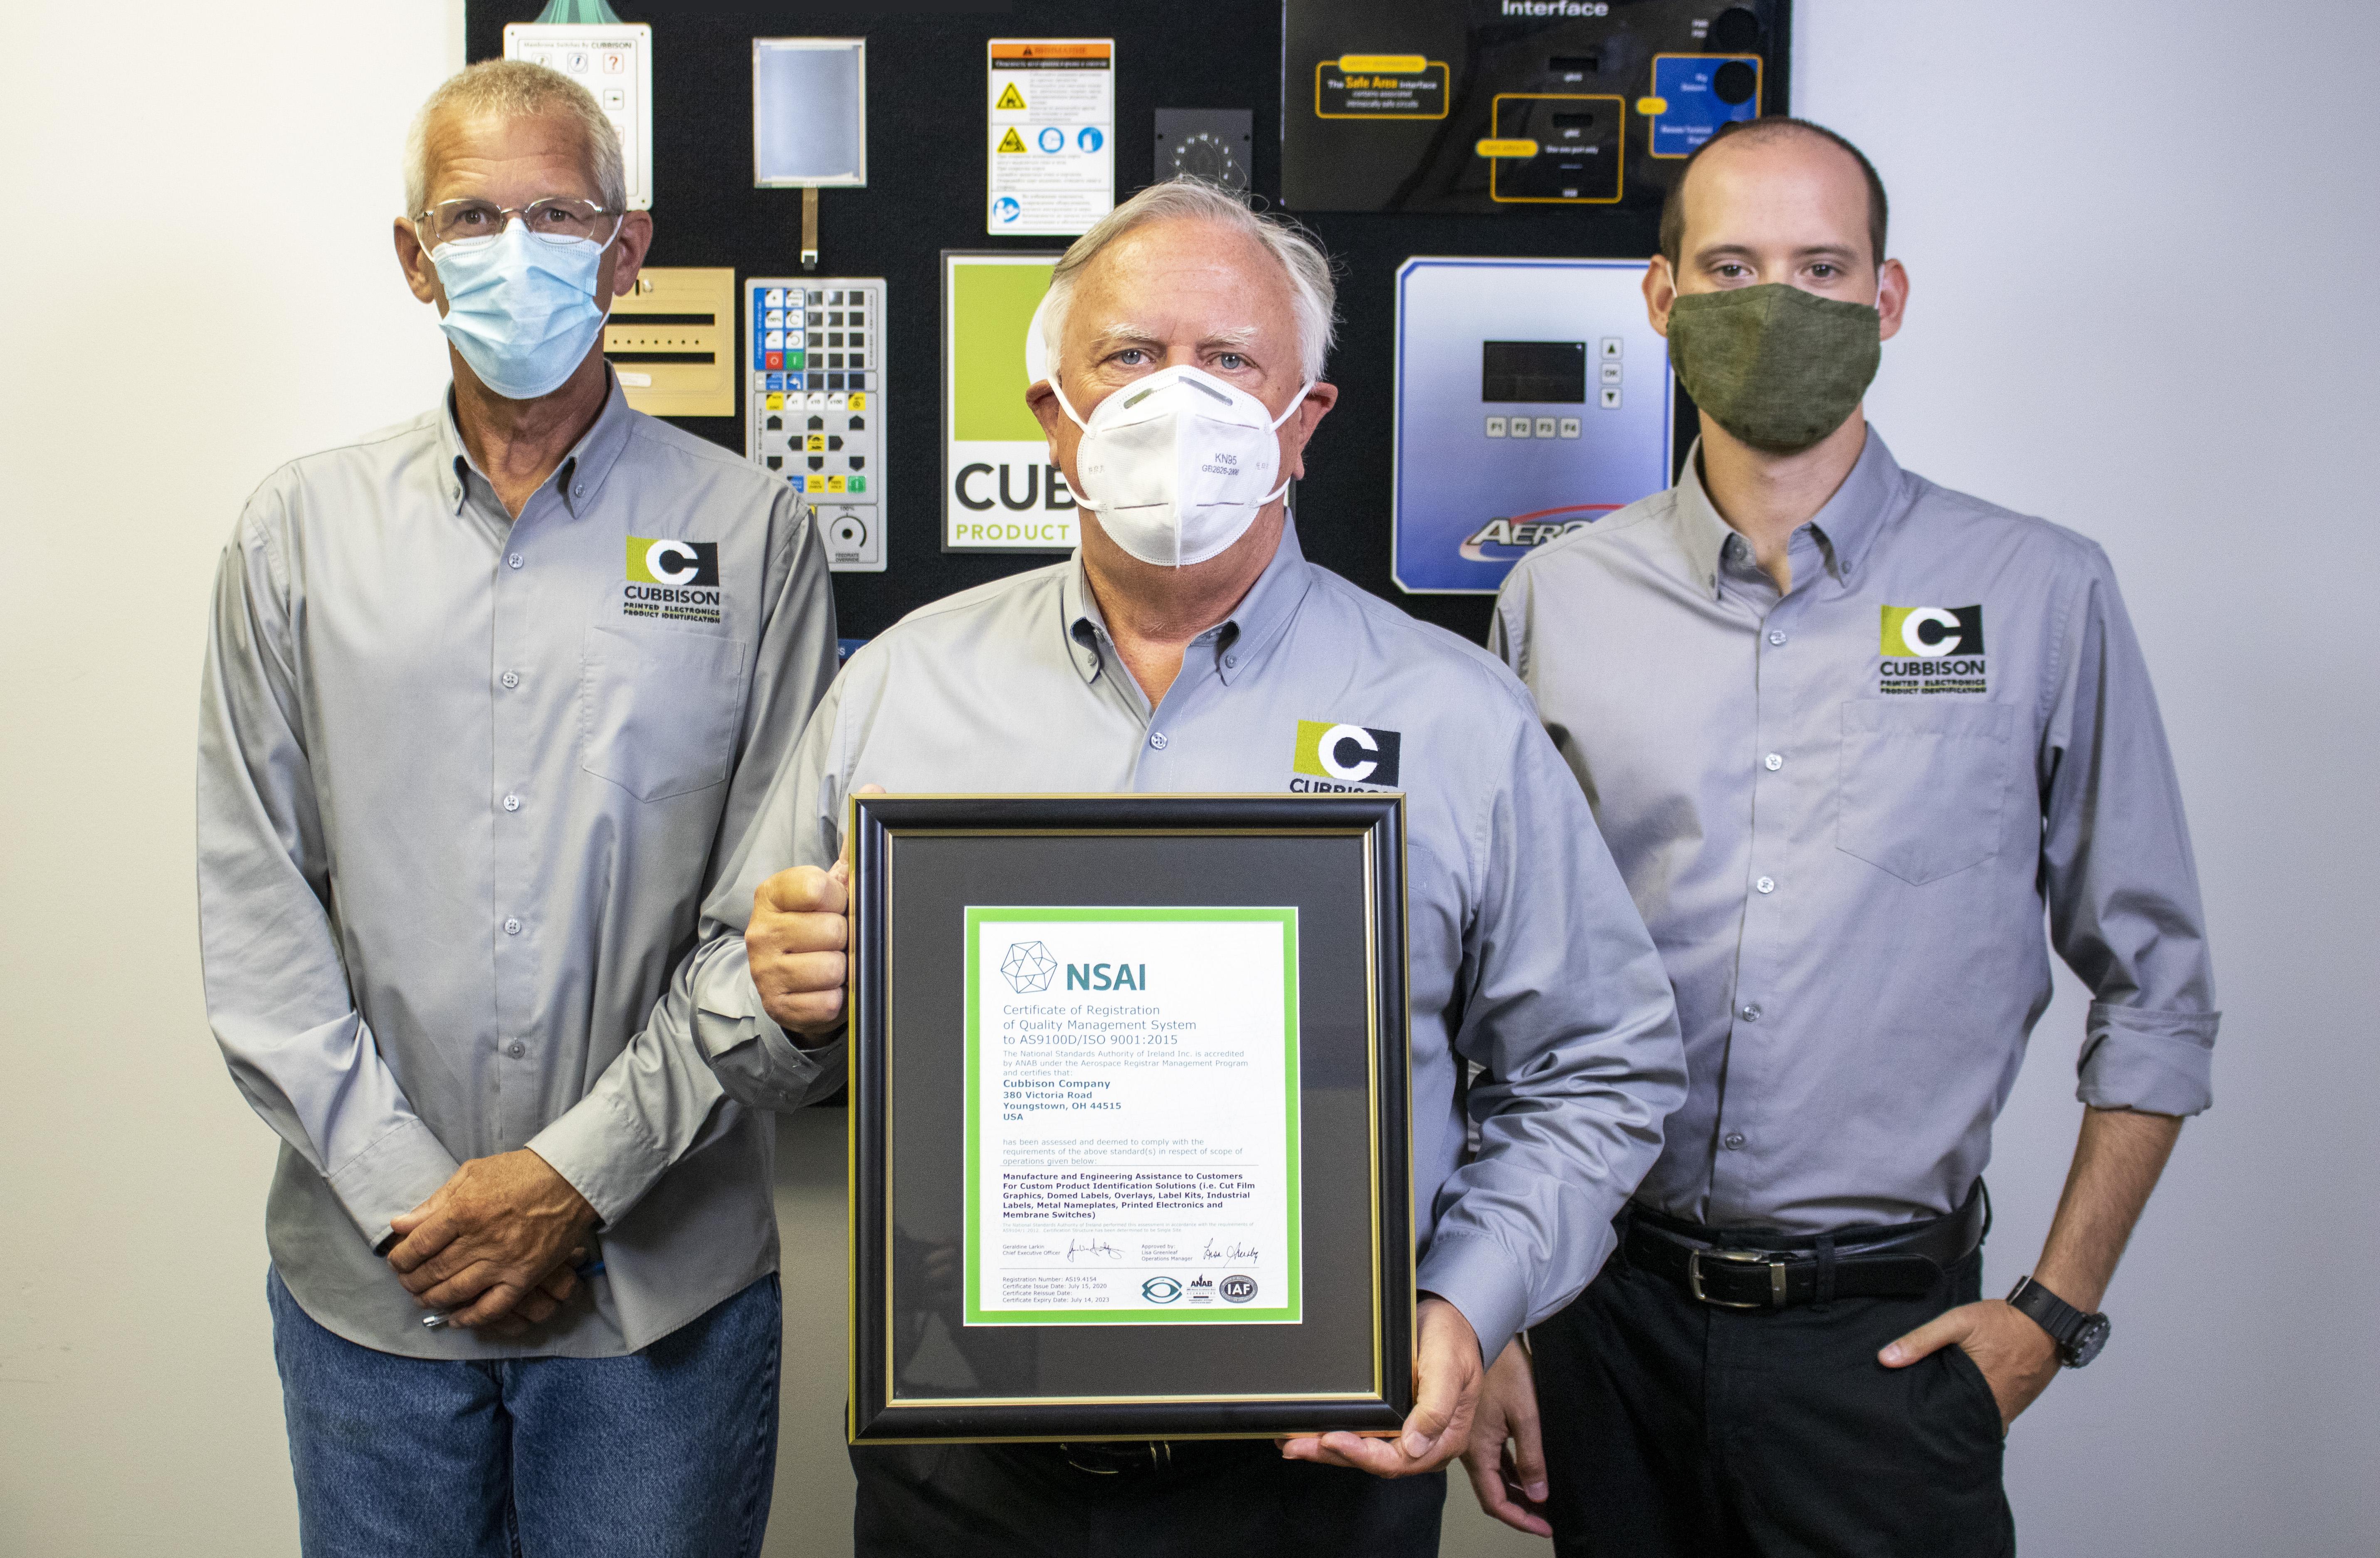 Cubbison Receives Prestigious AS9100 Certification